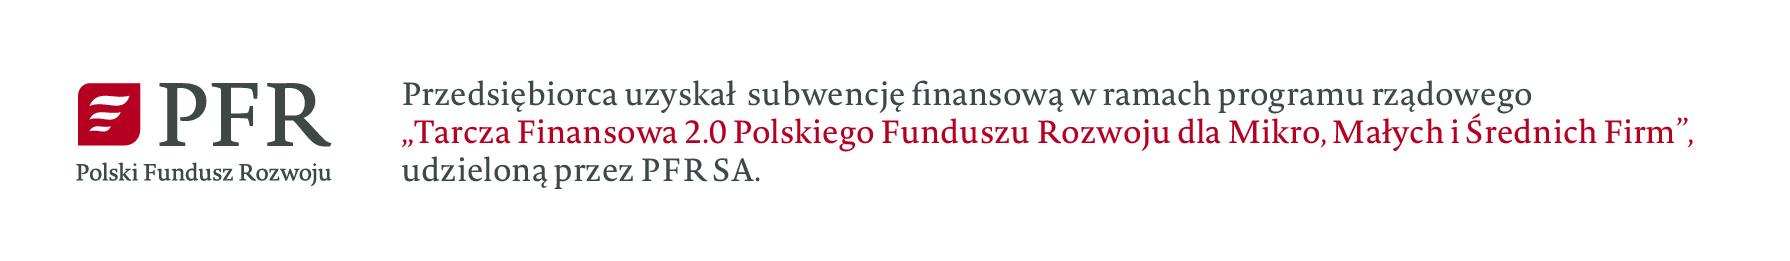 """Przedsiębiorca uzyskał subwencję finansową w ramach programu rządowego """"Tarcza Finansowa 2.0 Polskiego Funduszu Rozwoju dla Mikro, Małych i Średnich Firm"""", udzieloną przez PFR SA."""